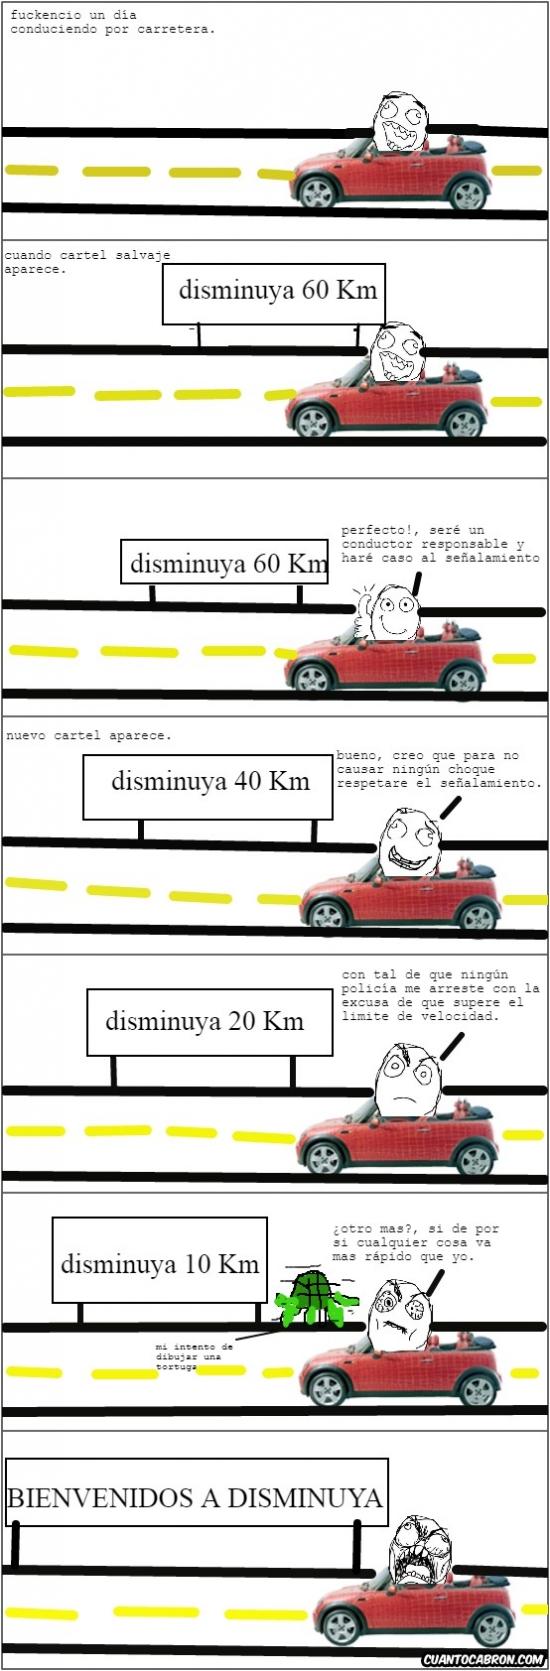 Ffffuuuuuuuuuu - La frustración de los conductores responsables